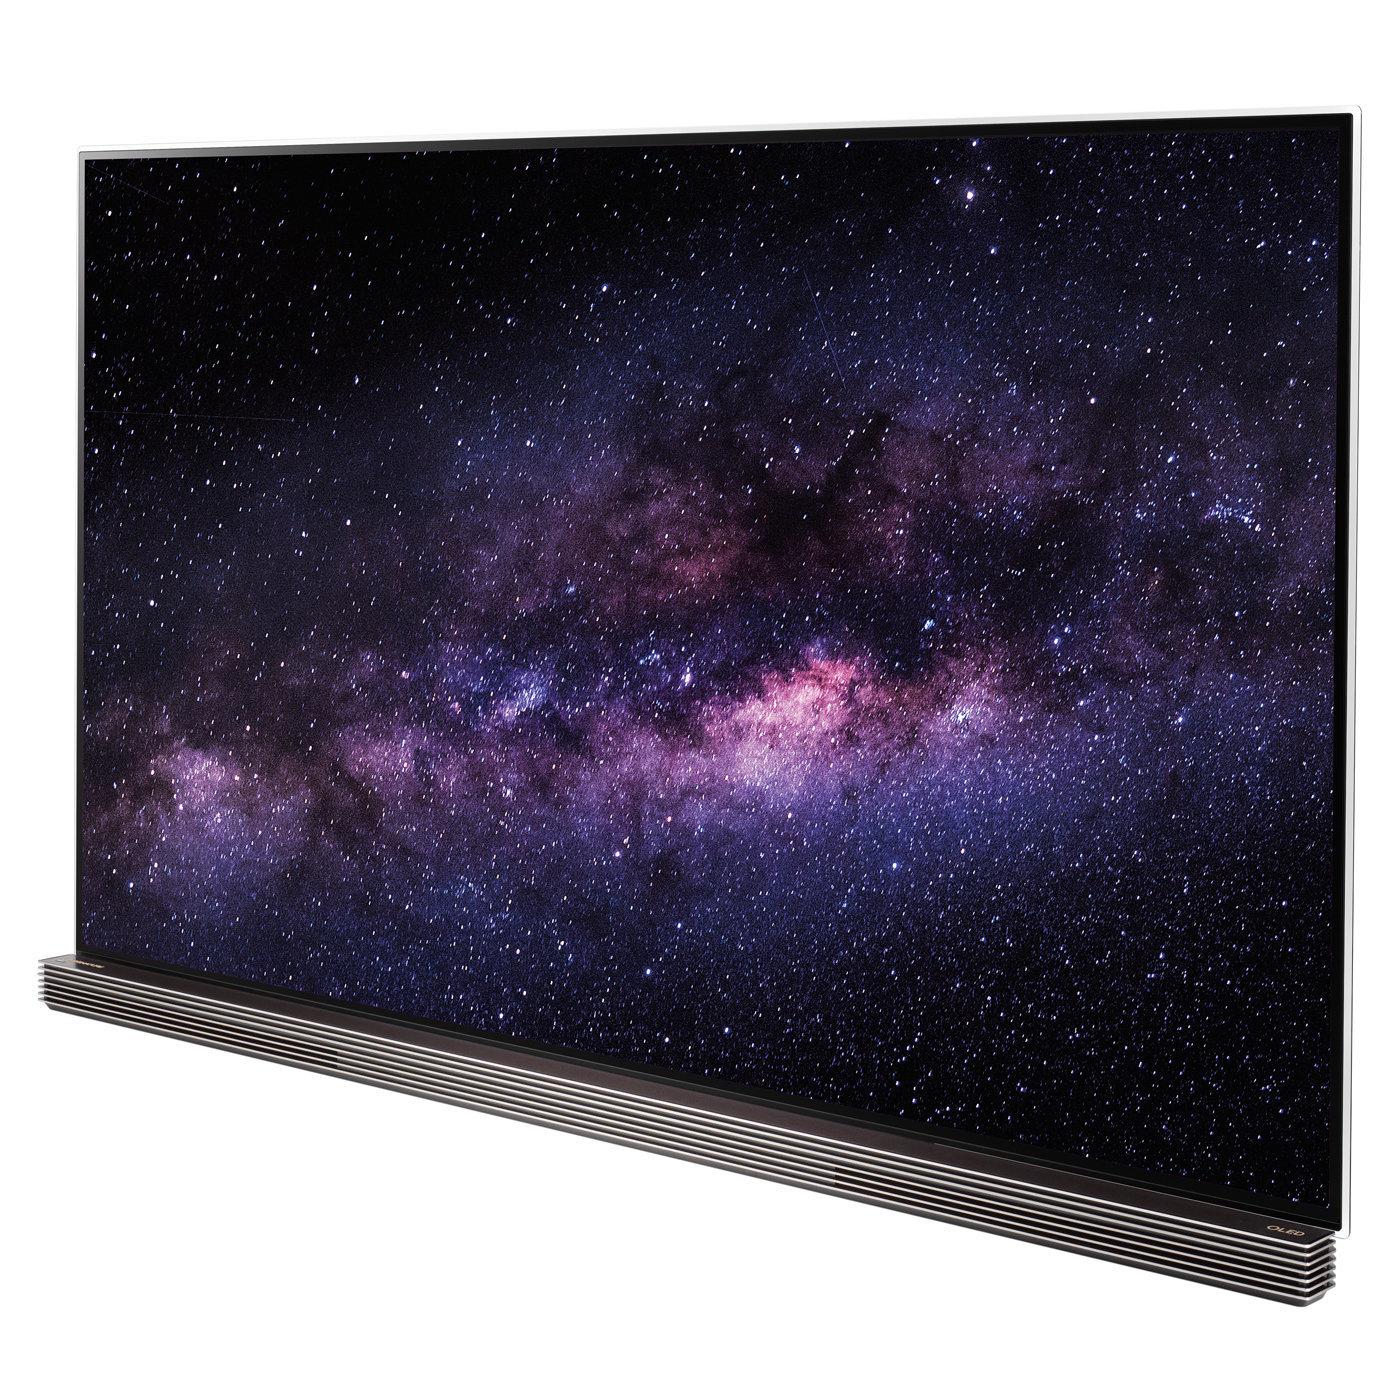 LG Signature OLED65G6P 2